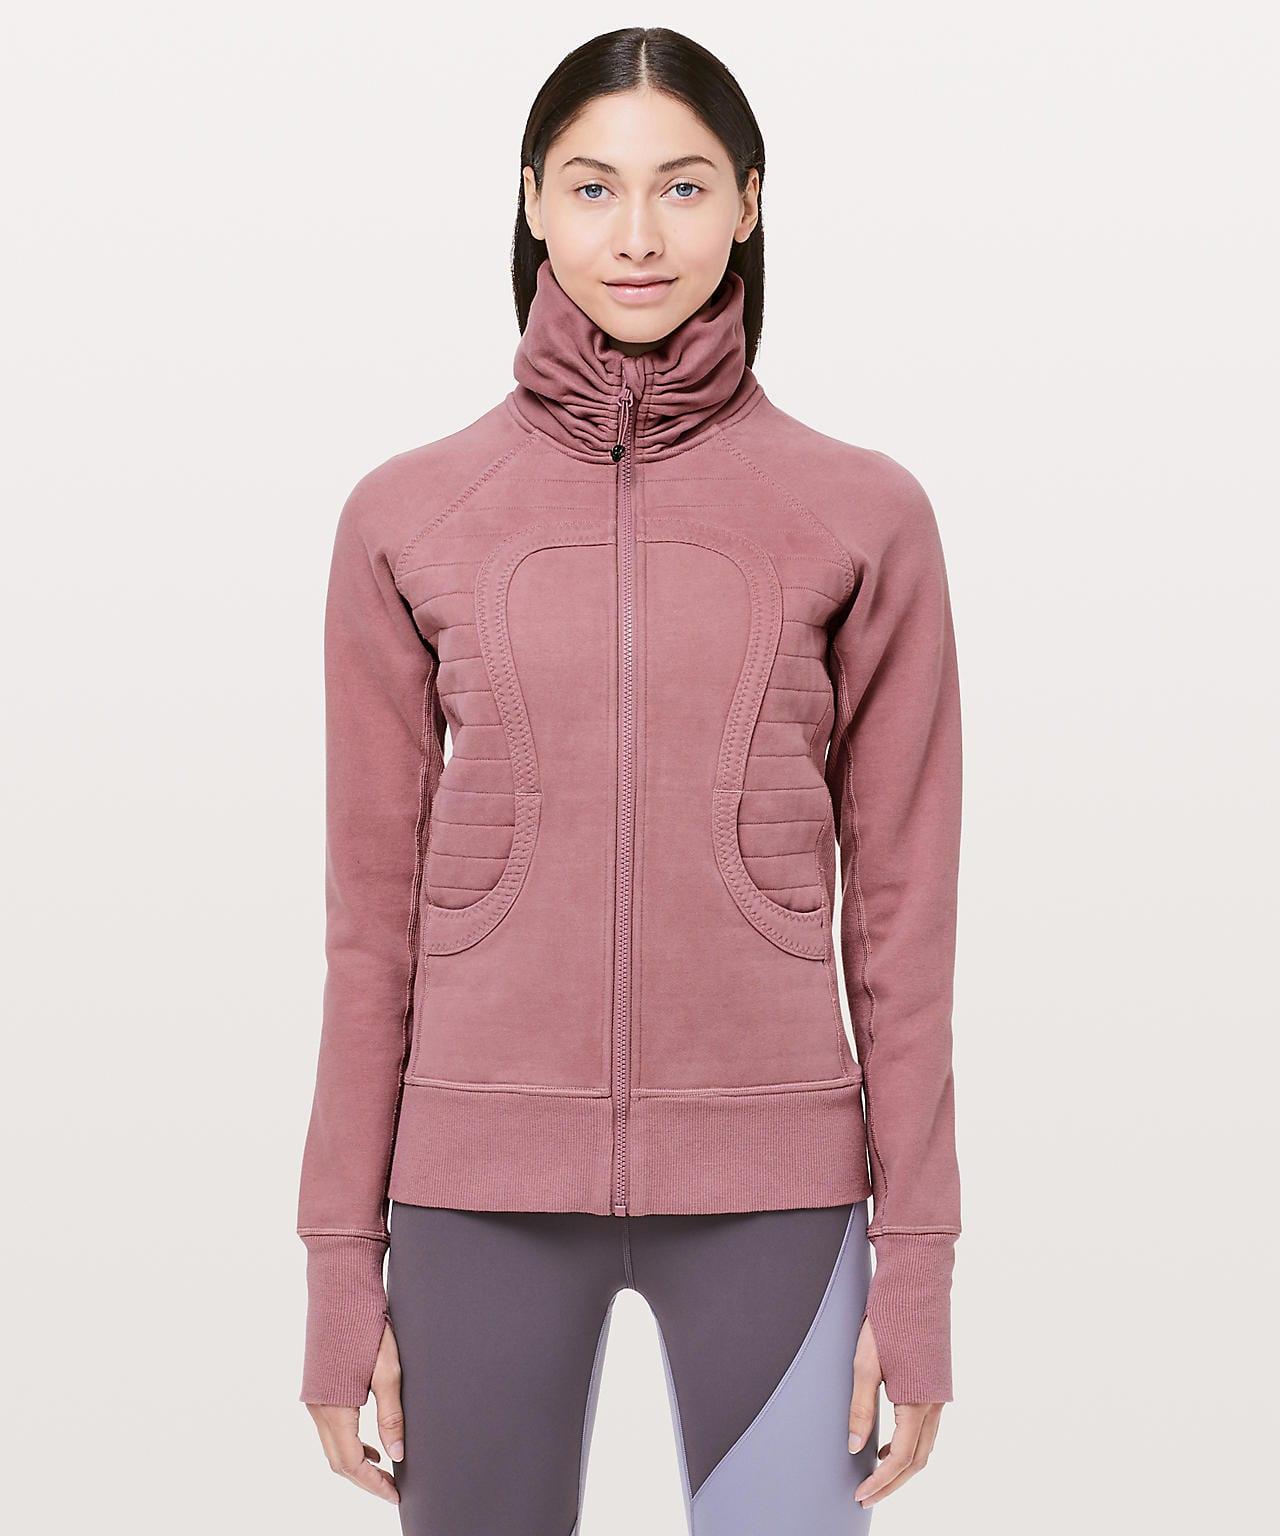 Calm & Cozy Jacket